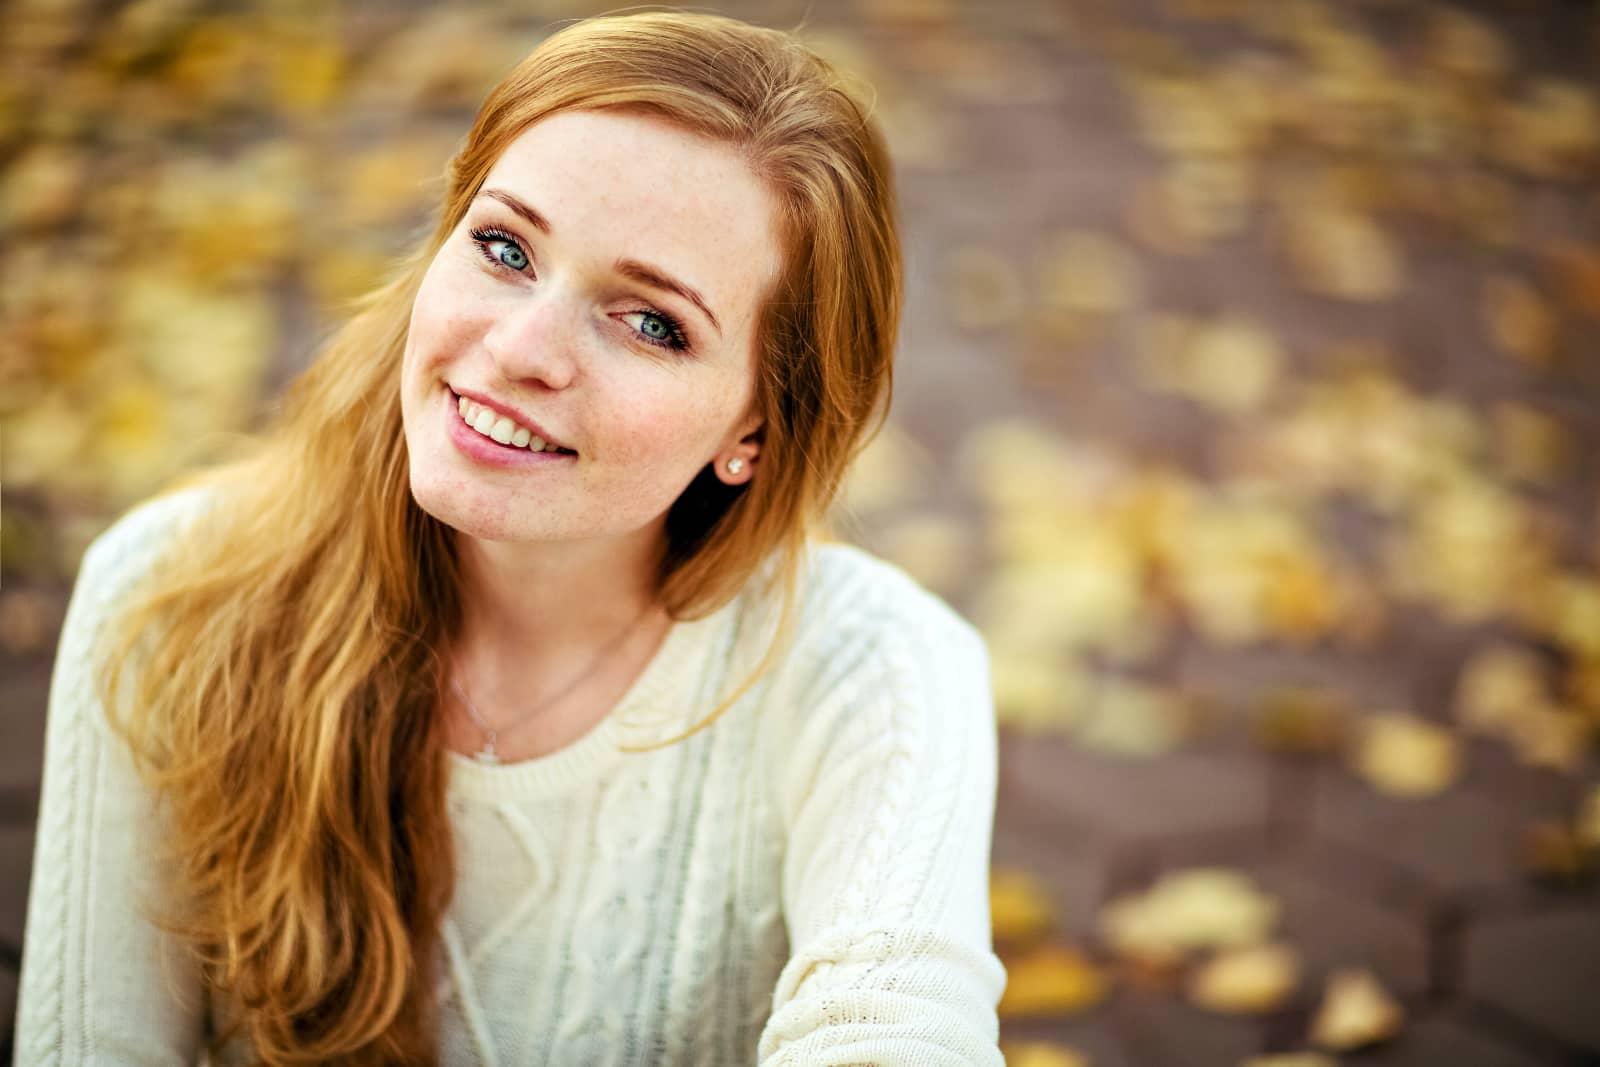 vrouw met rood haar lachend met vage herfstachtergrond